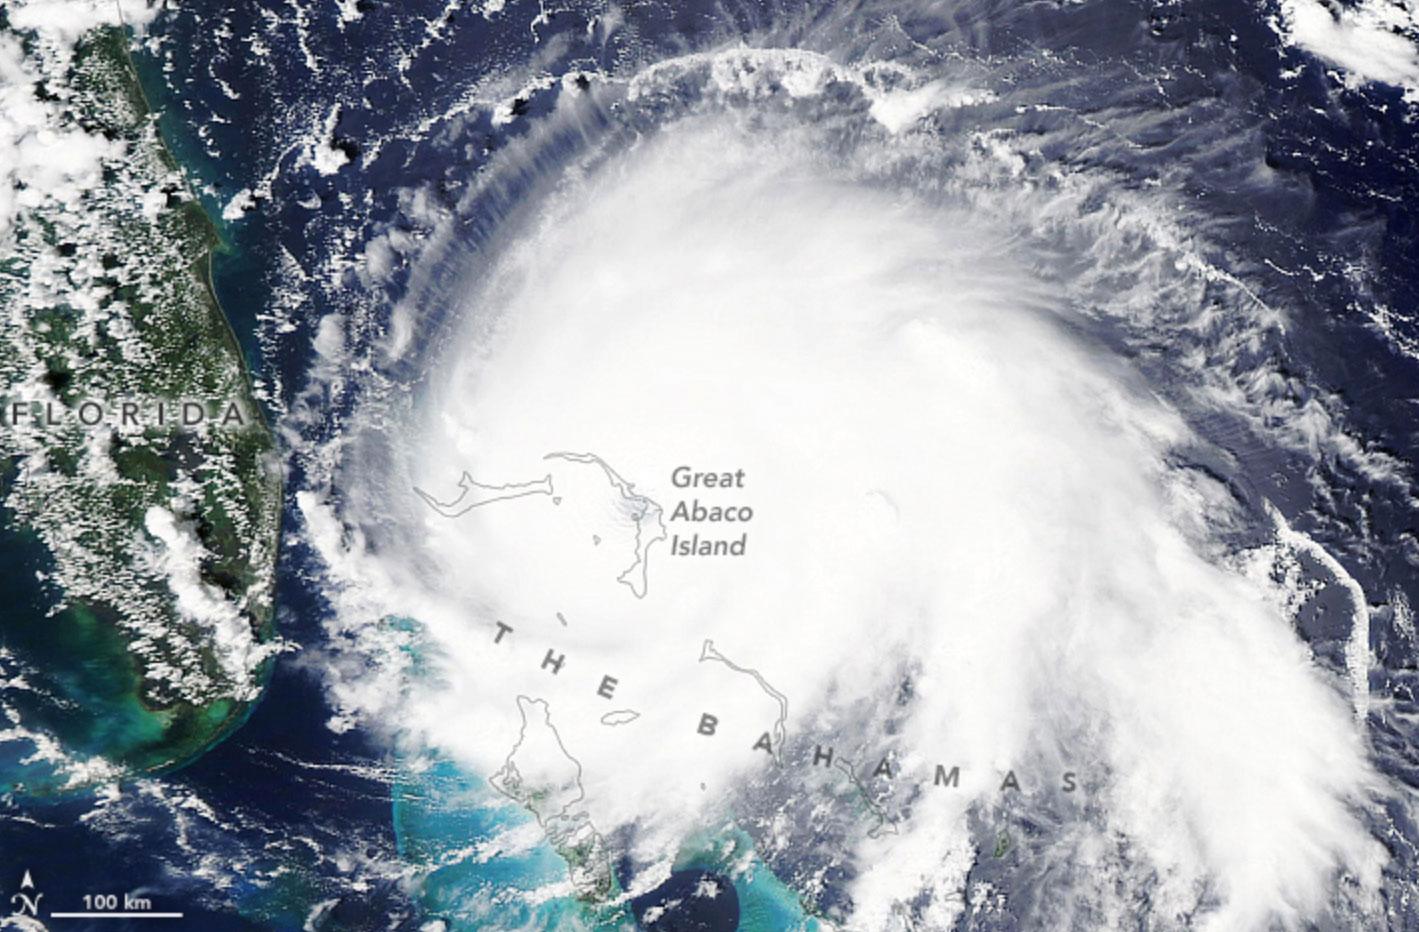 Zdjęcie satelitarne pokazujące huragan Dorian nad Wyspami Bahama